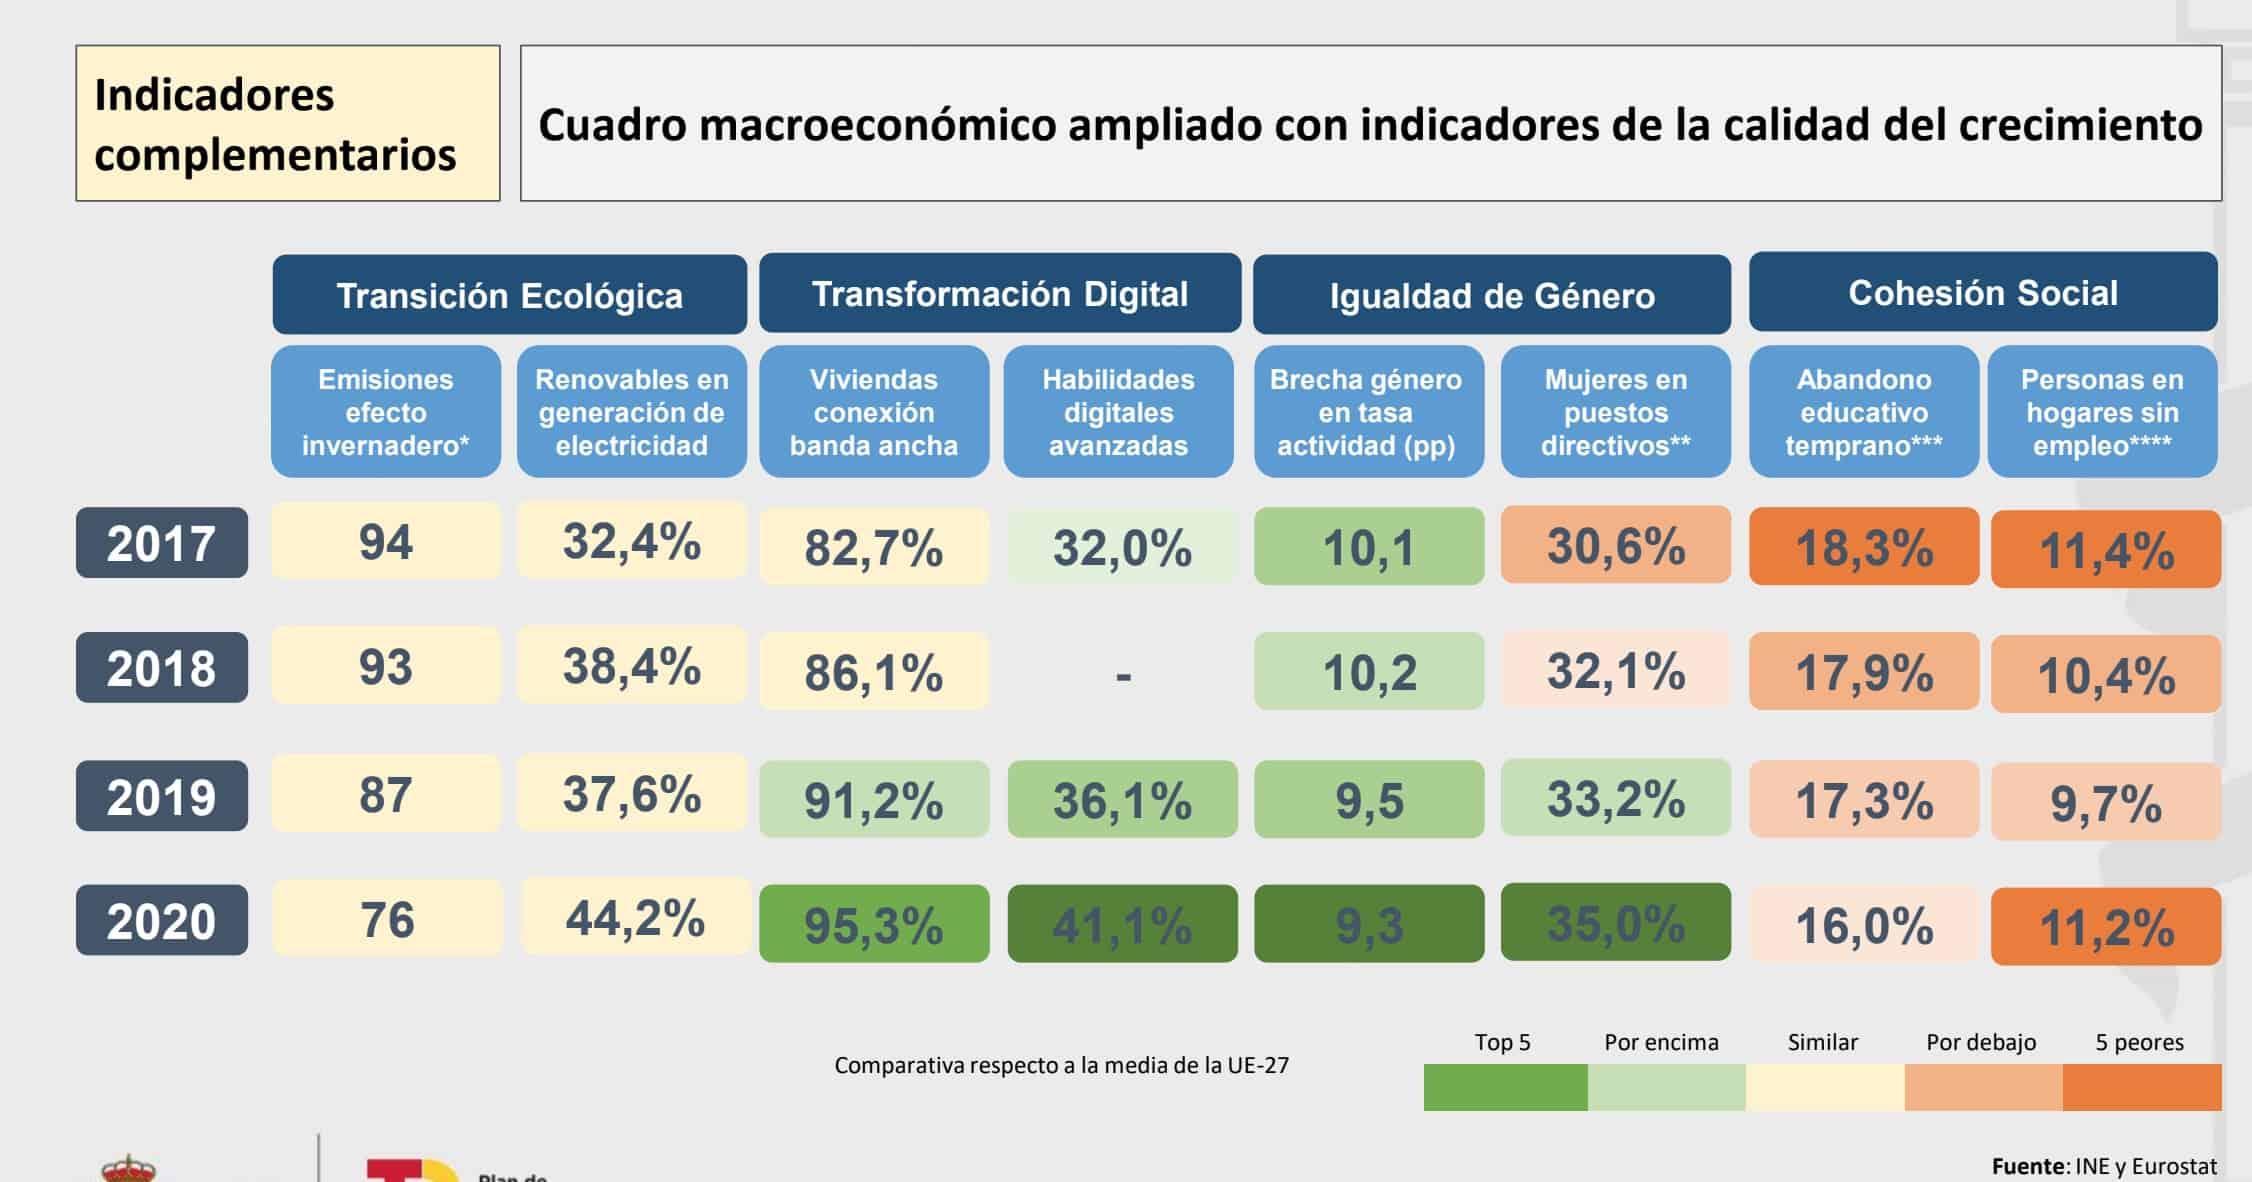 España - Empleo Público 2022 - 5